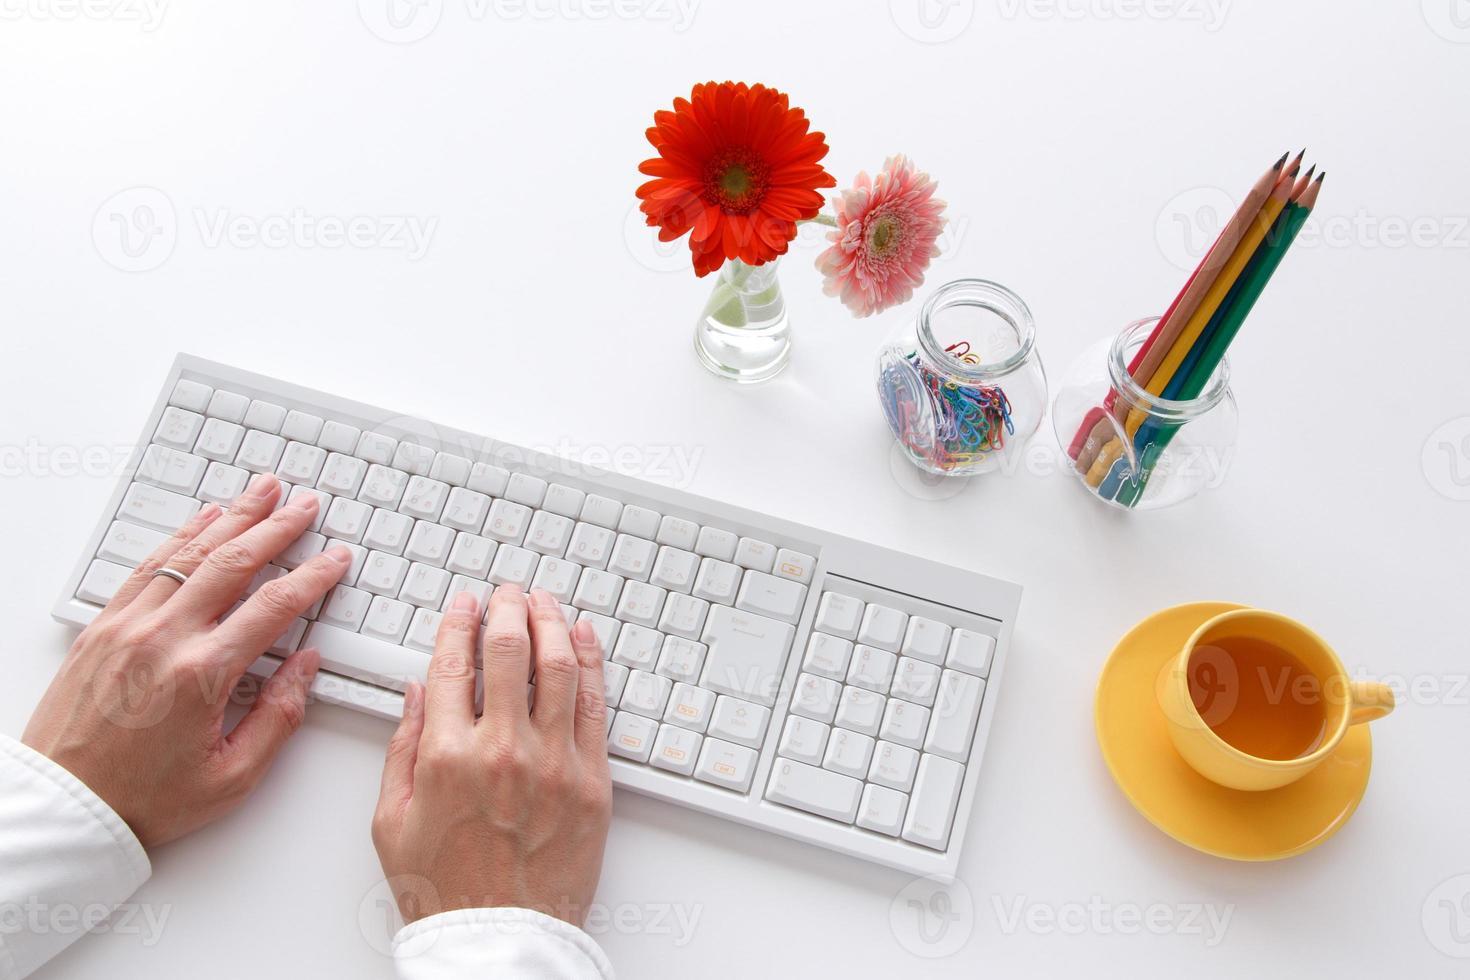 Computertastatur auf dem Schreibtisch foto